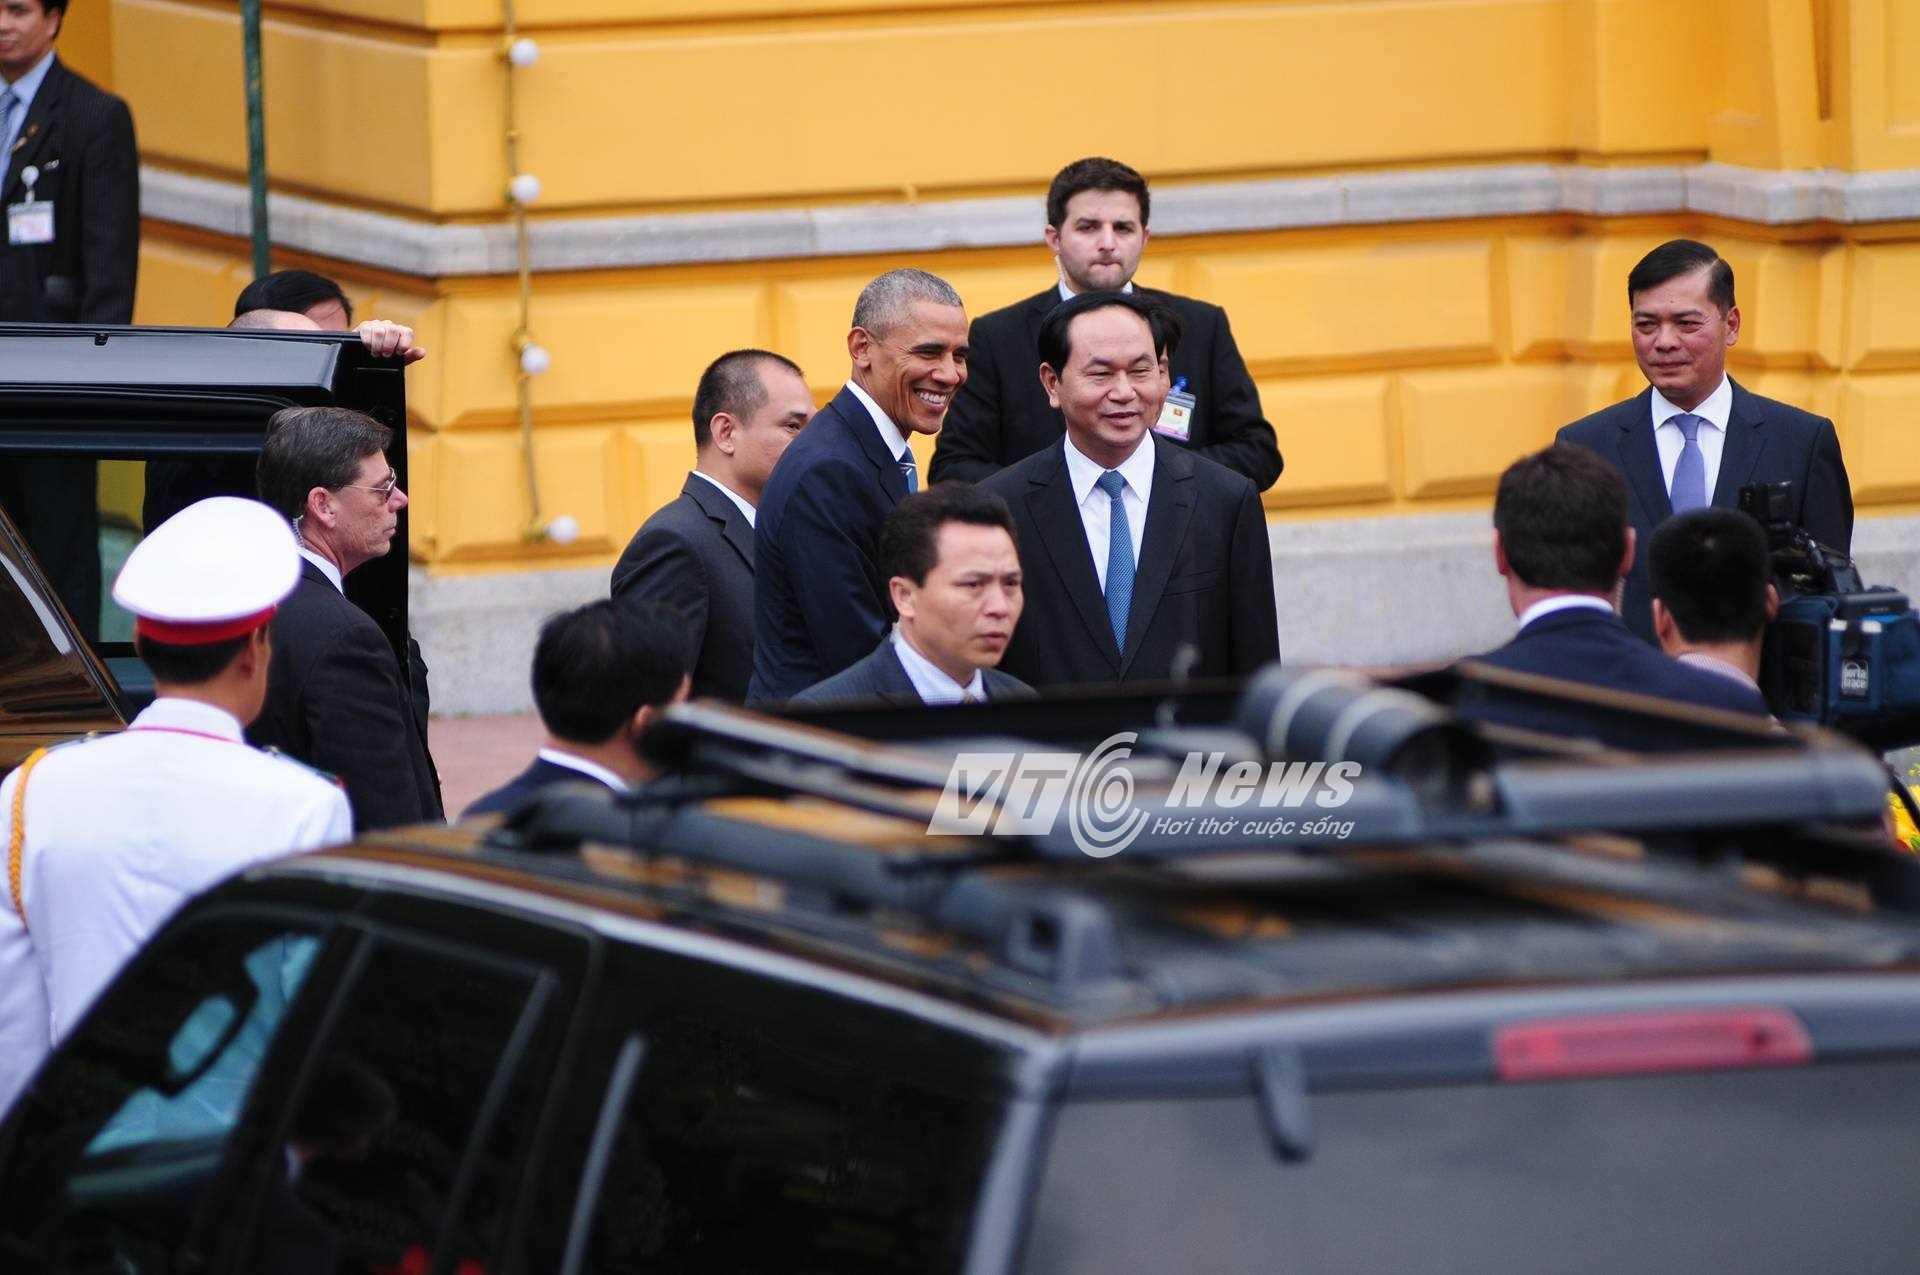 Khi đoàn xe đến Phủ Chủ tịch, đích thân Chủ tịch nước Trần Đại Quang và các vị lãnh đạo đã ra đón ống Obama (Ảnh: Tùng Đinh)